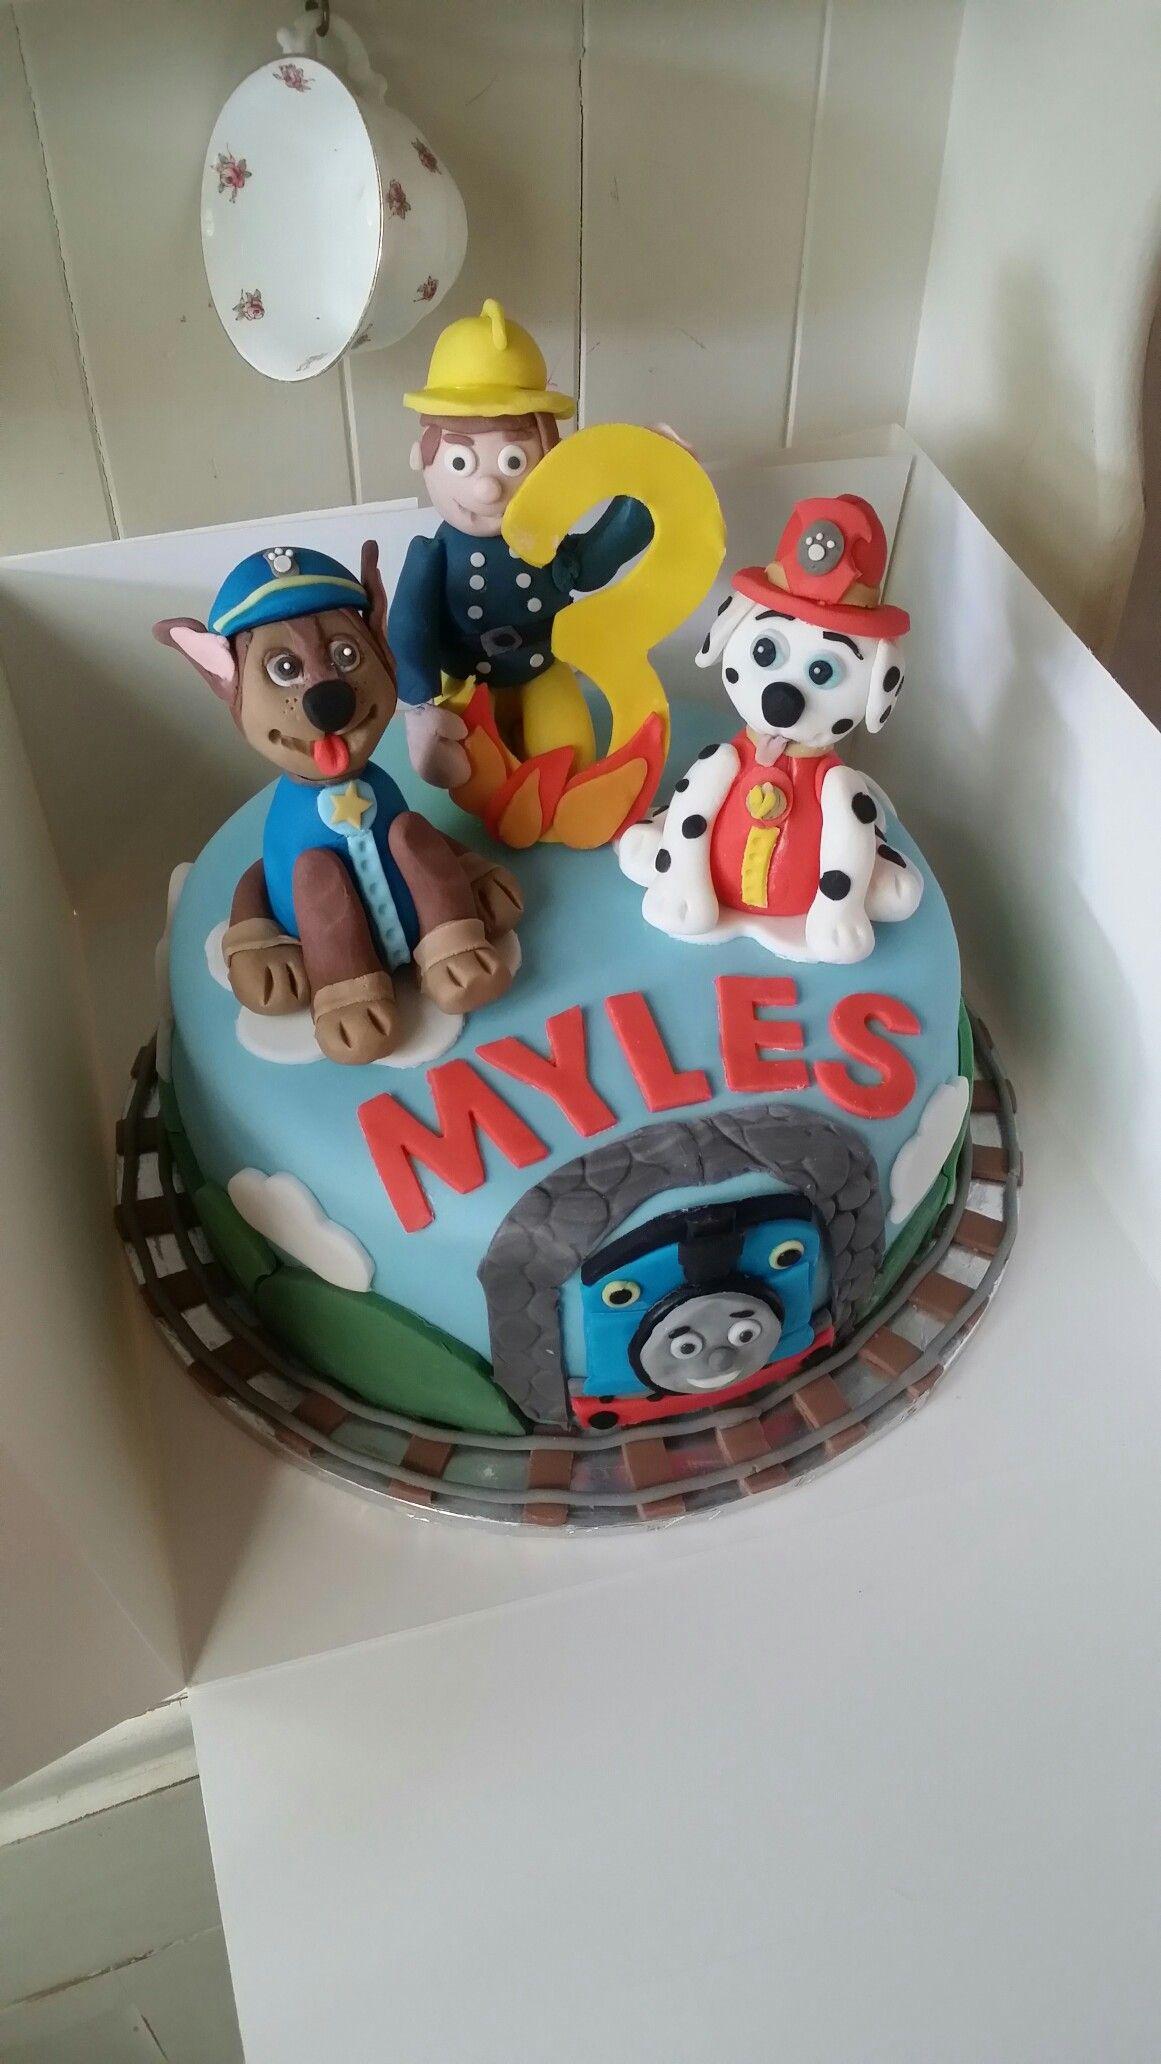 Kids Birthday Cake With Paw Patrol Fireman Sam And Thomas Ryan 4